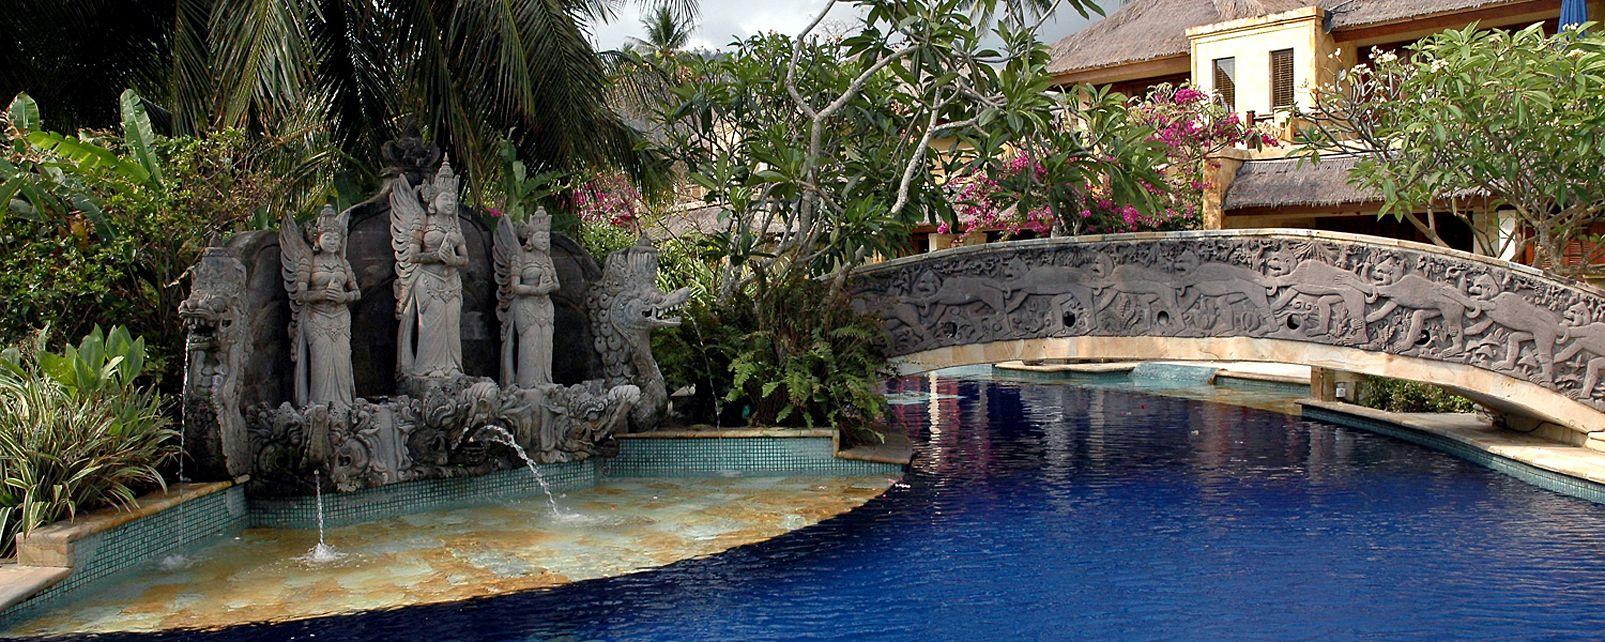 Hotel Pool Villa Club